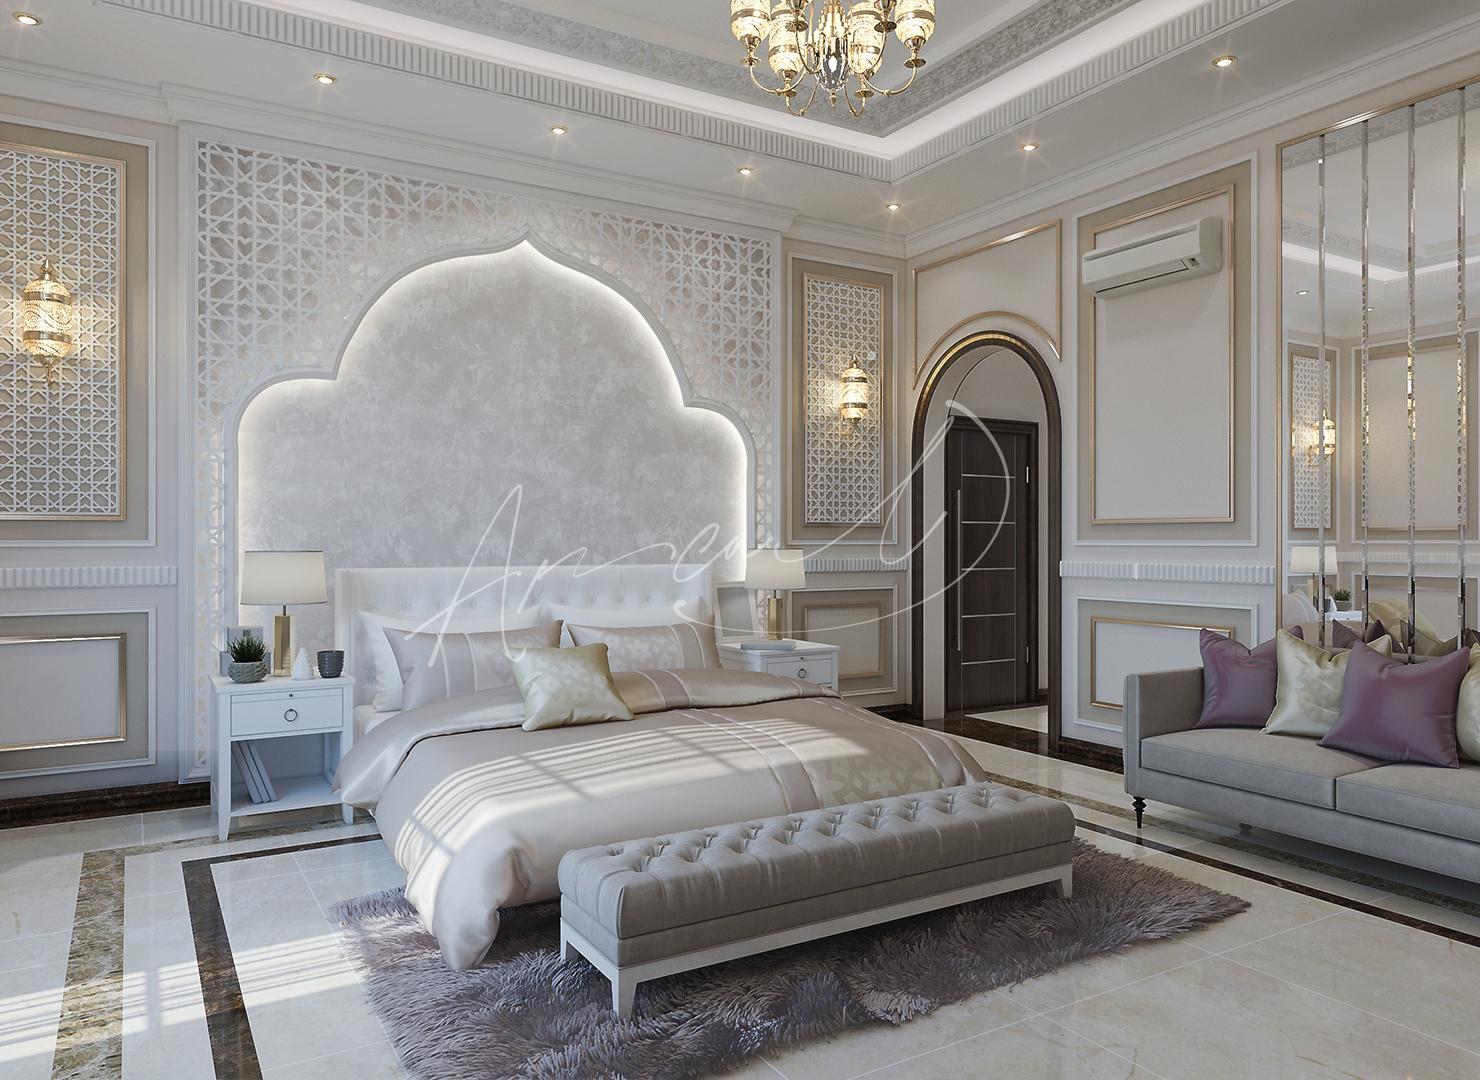 Moroccan Bedroom